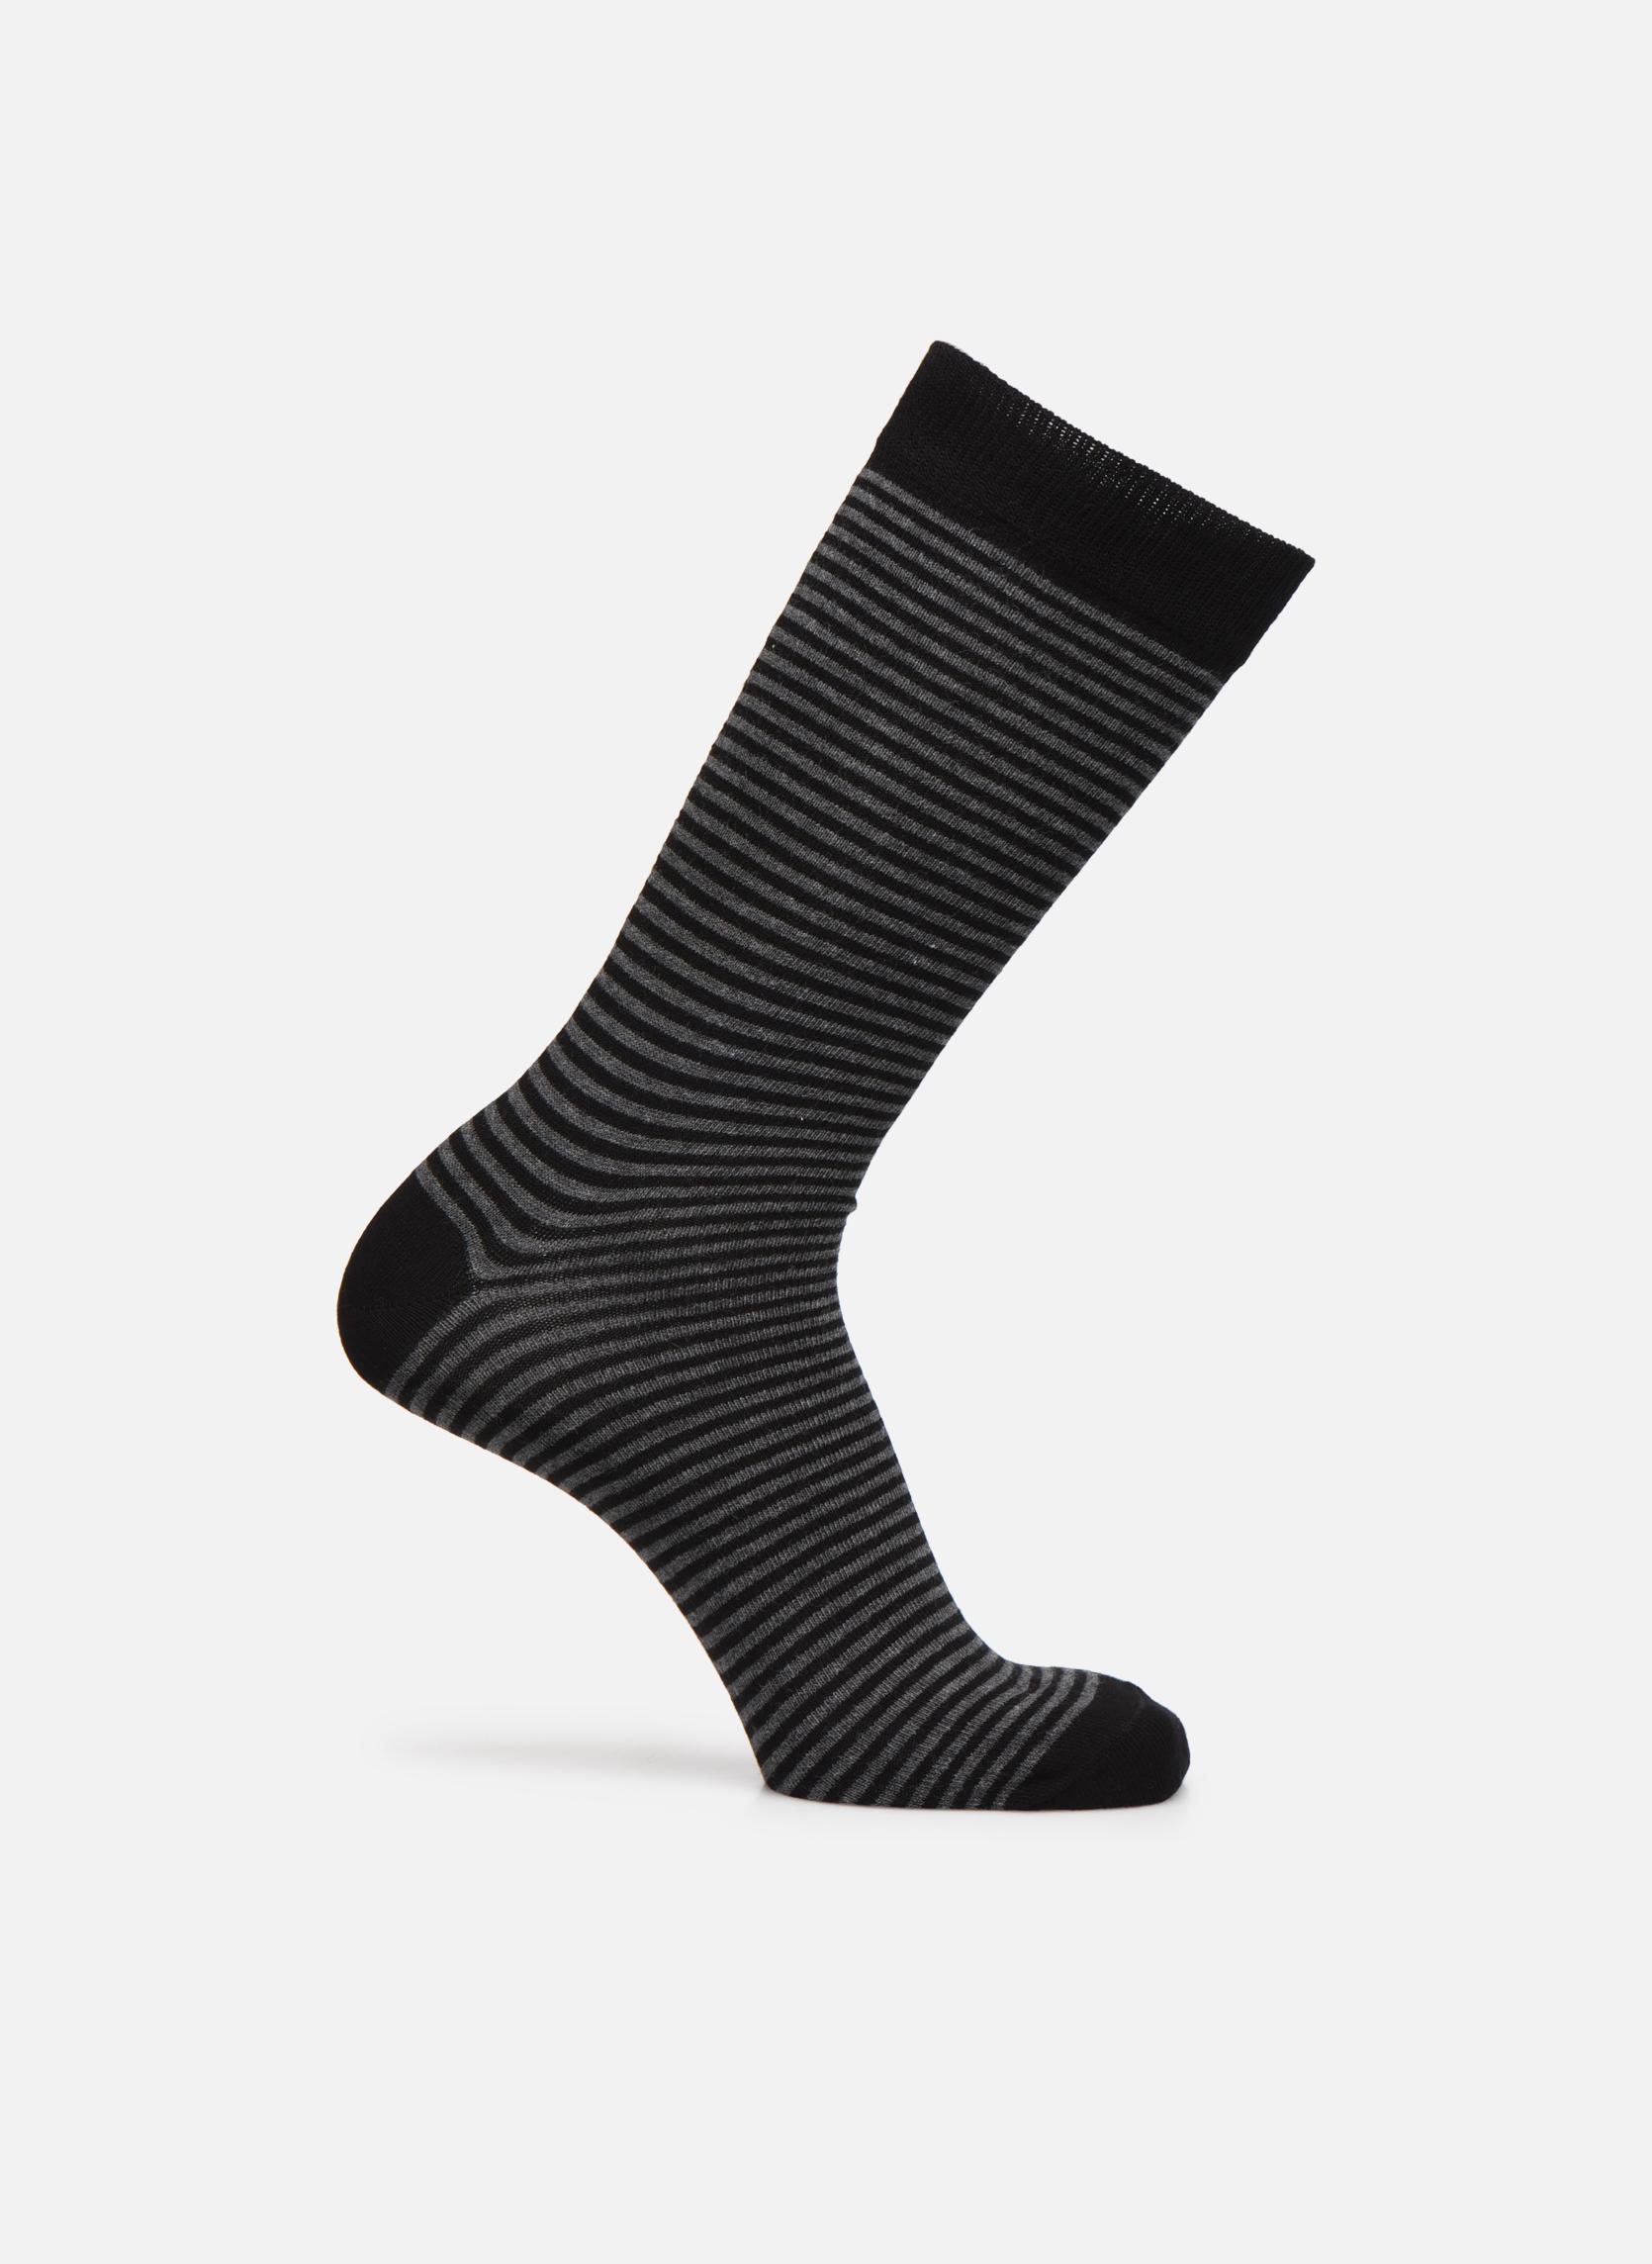 Calcetines FINE STRIPES 093 - noir / gris